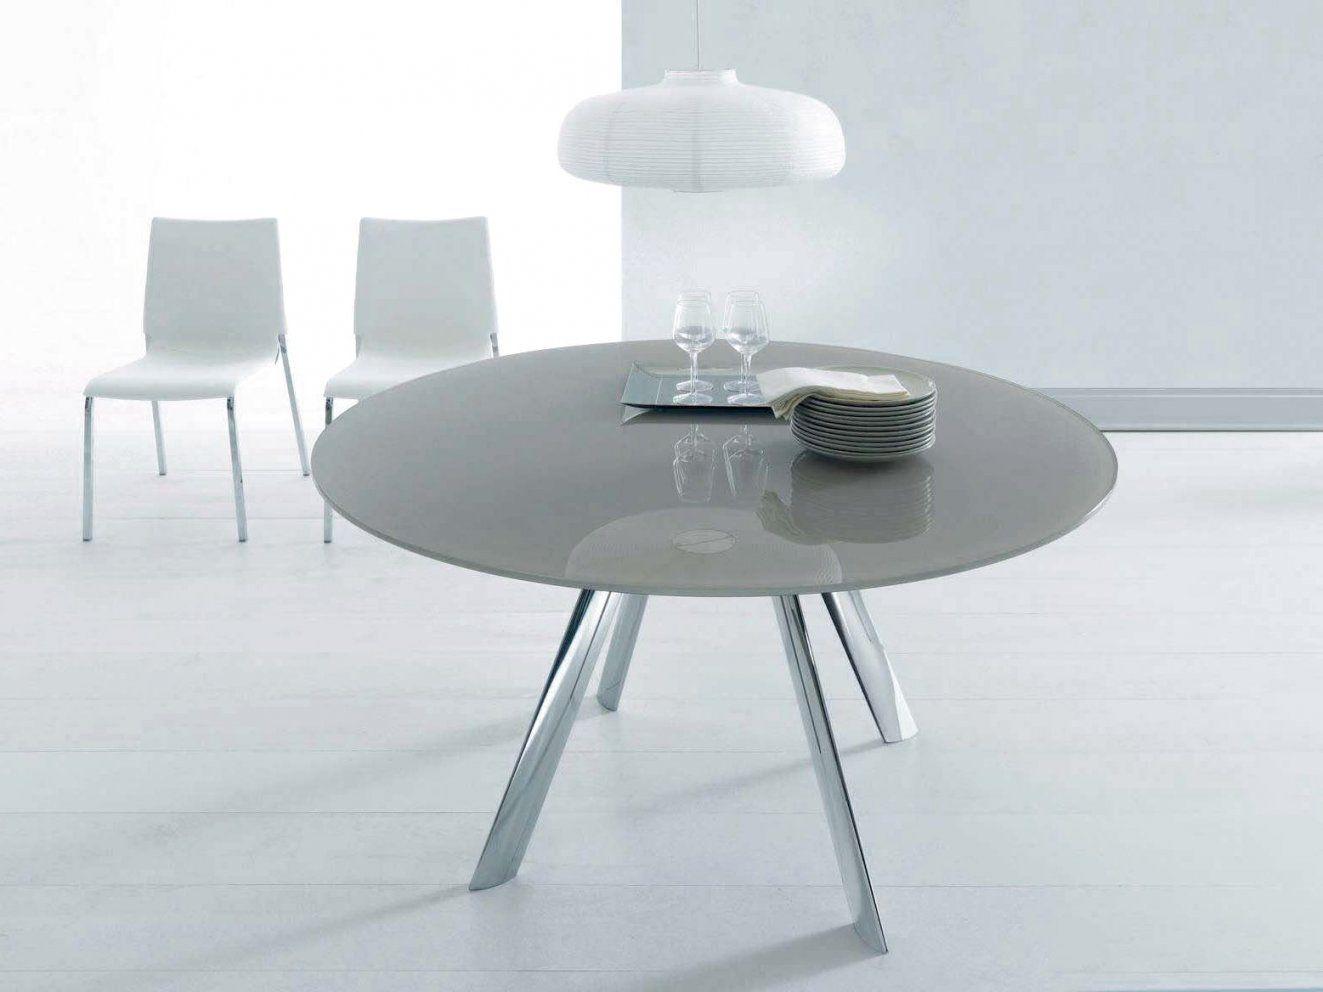 Esszimmertische Ausziehbar Esstisch Rund Gebraucht Esszimmer Tische von Esstisch Rund Ausziehbar Modern Photo